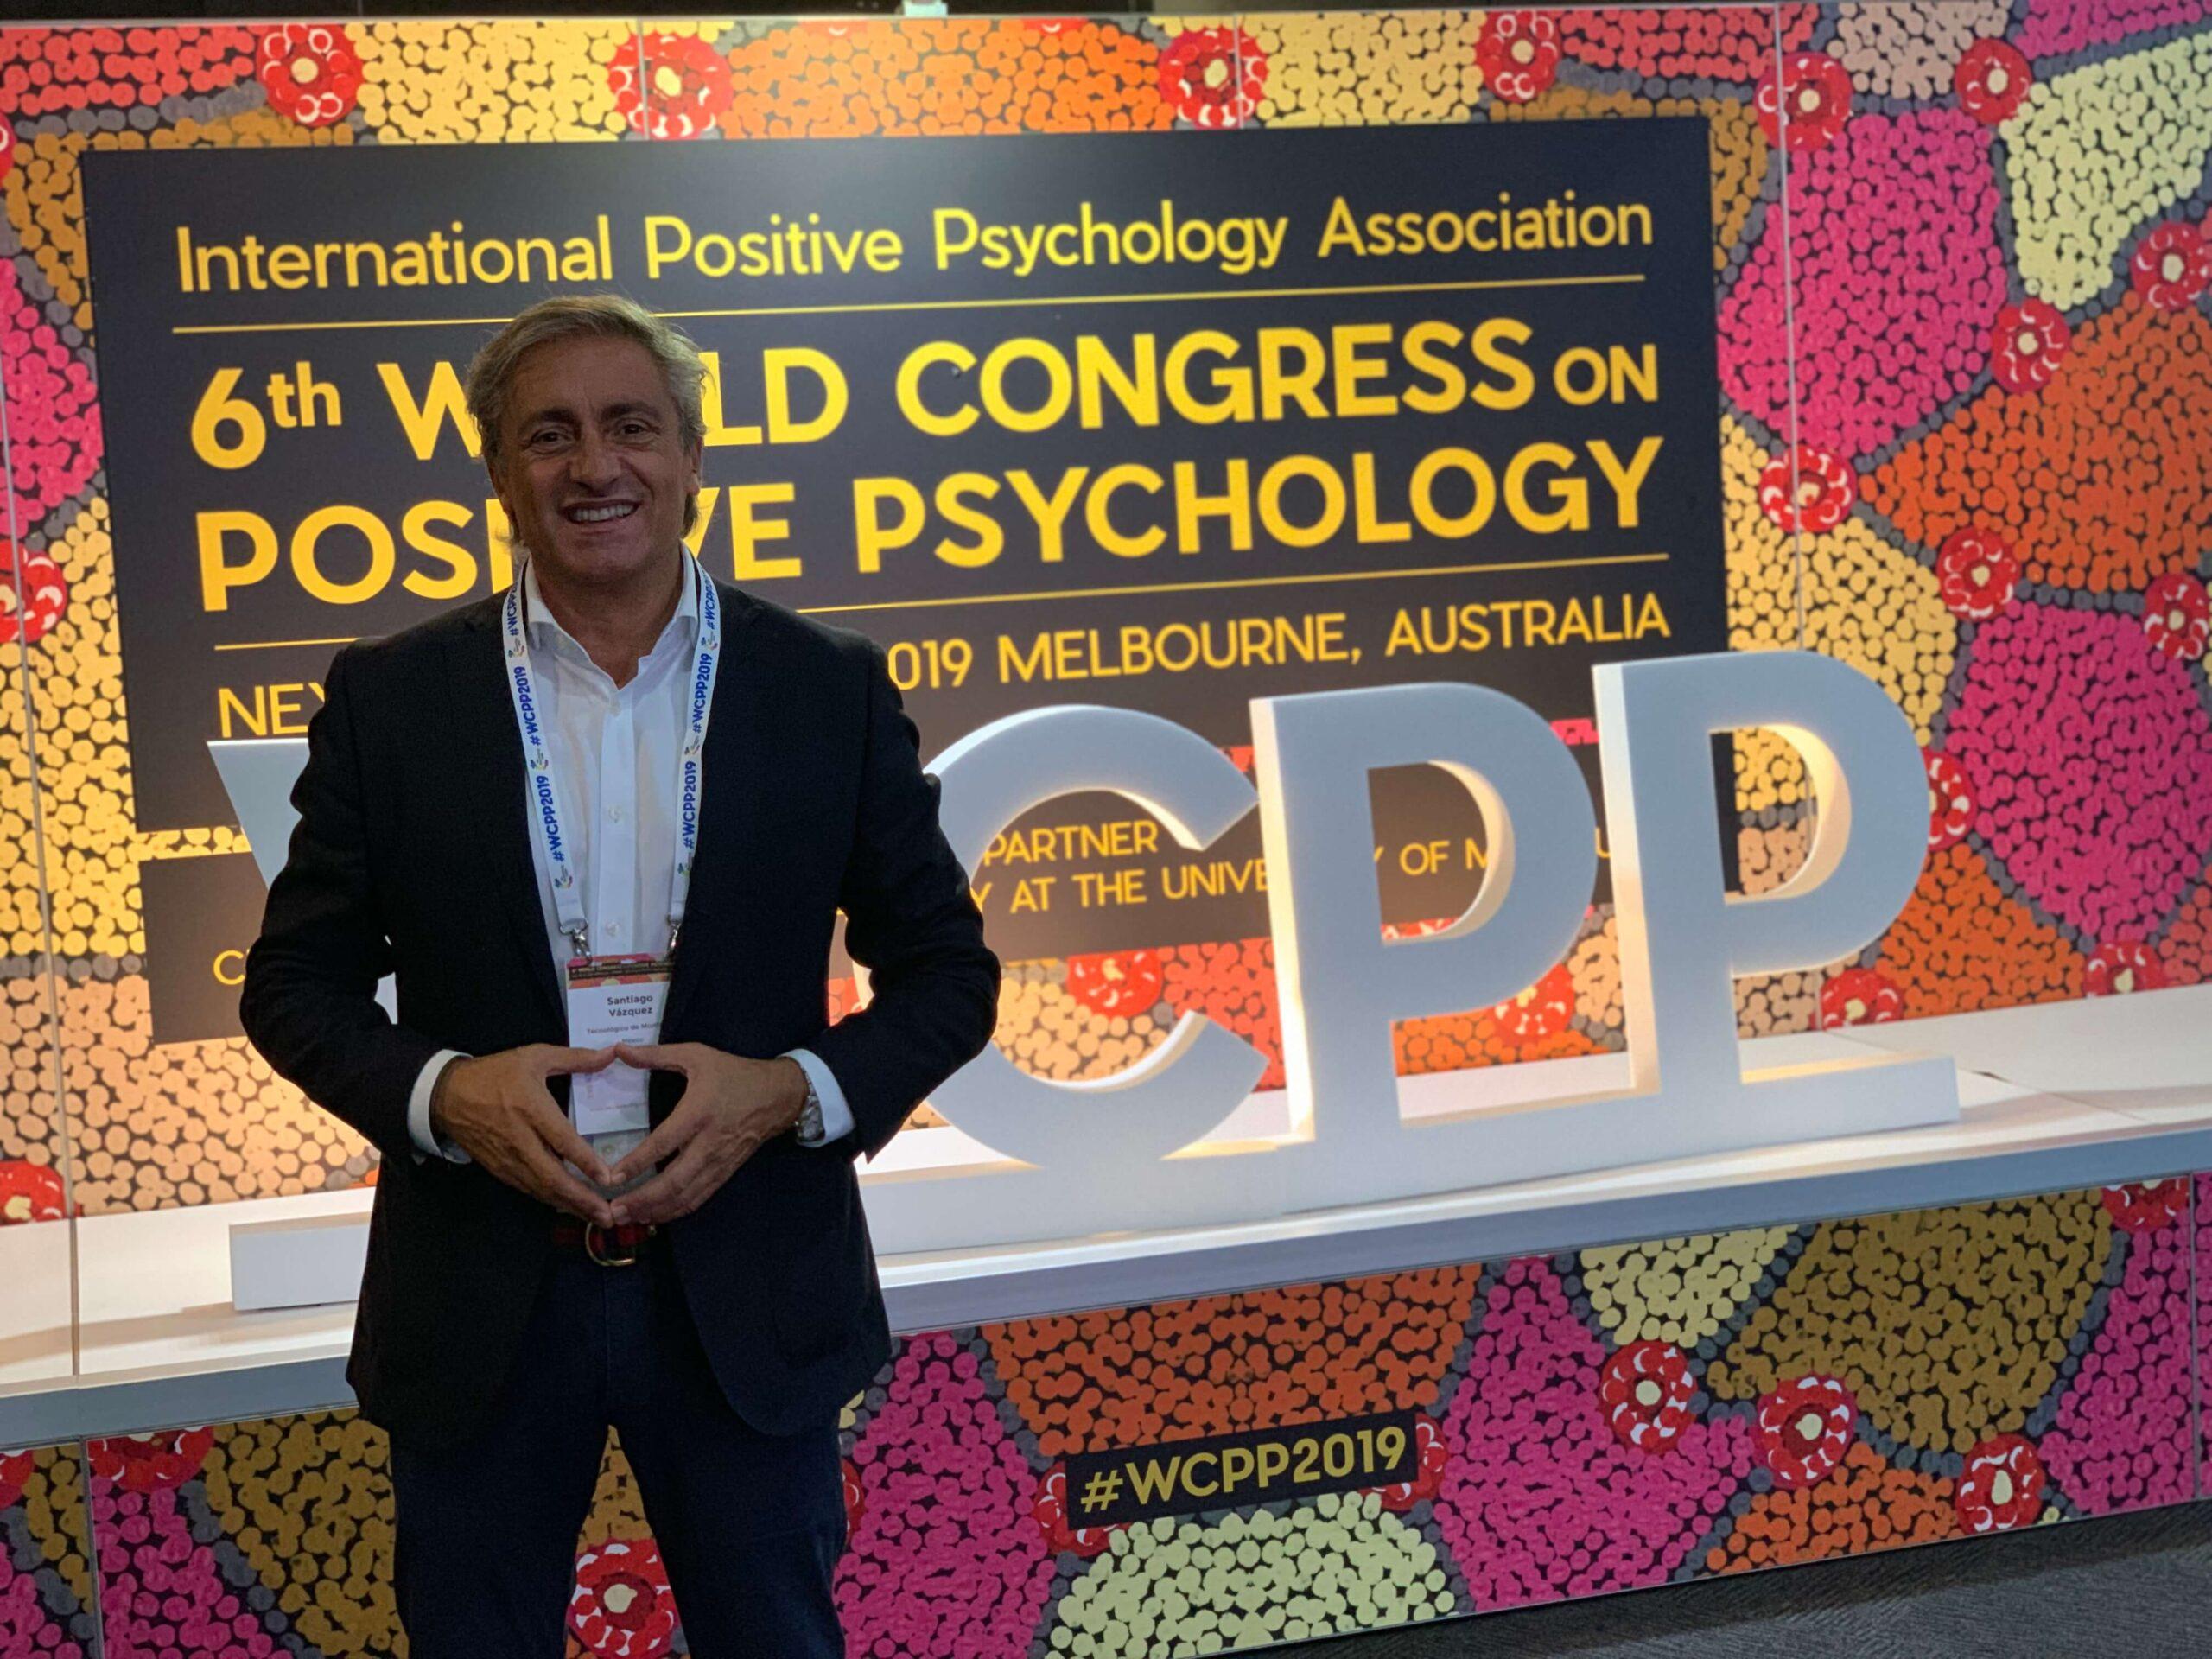 Congreso Asociación Internacional de Psicología Positiva - Melbourne Australia